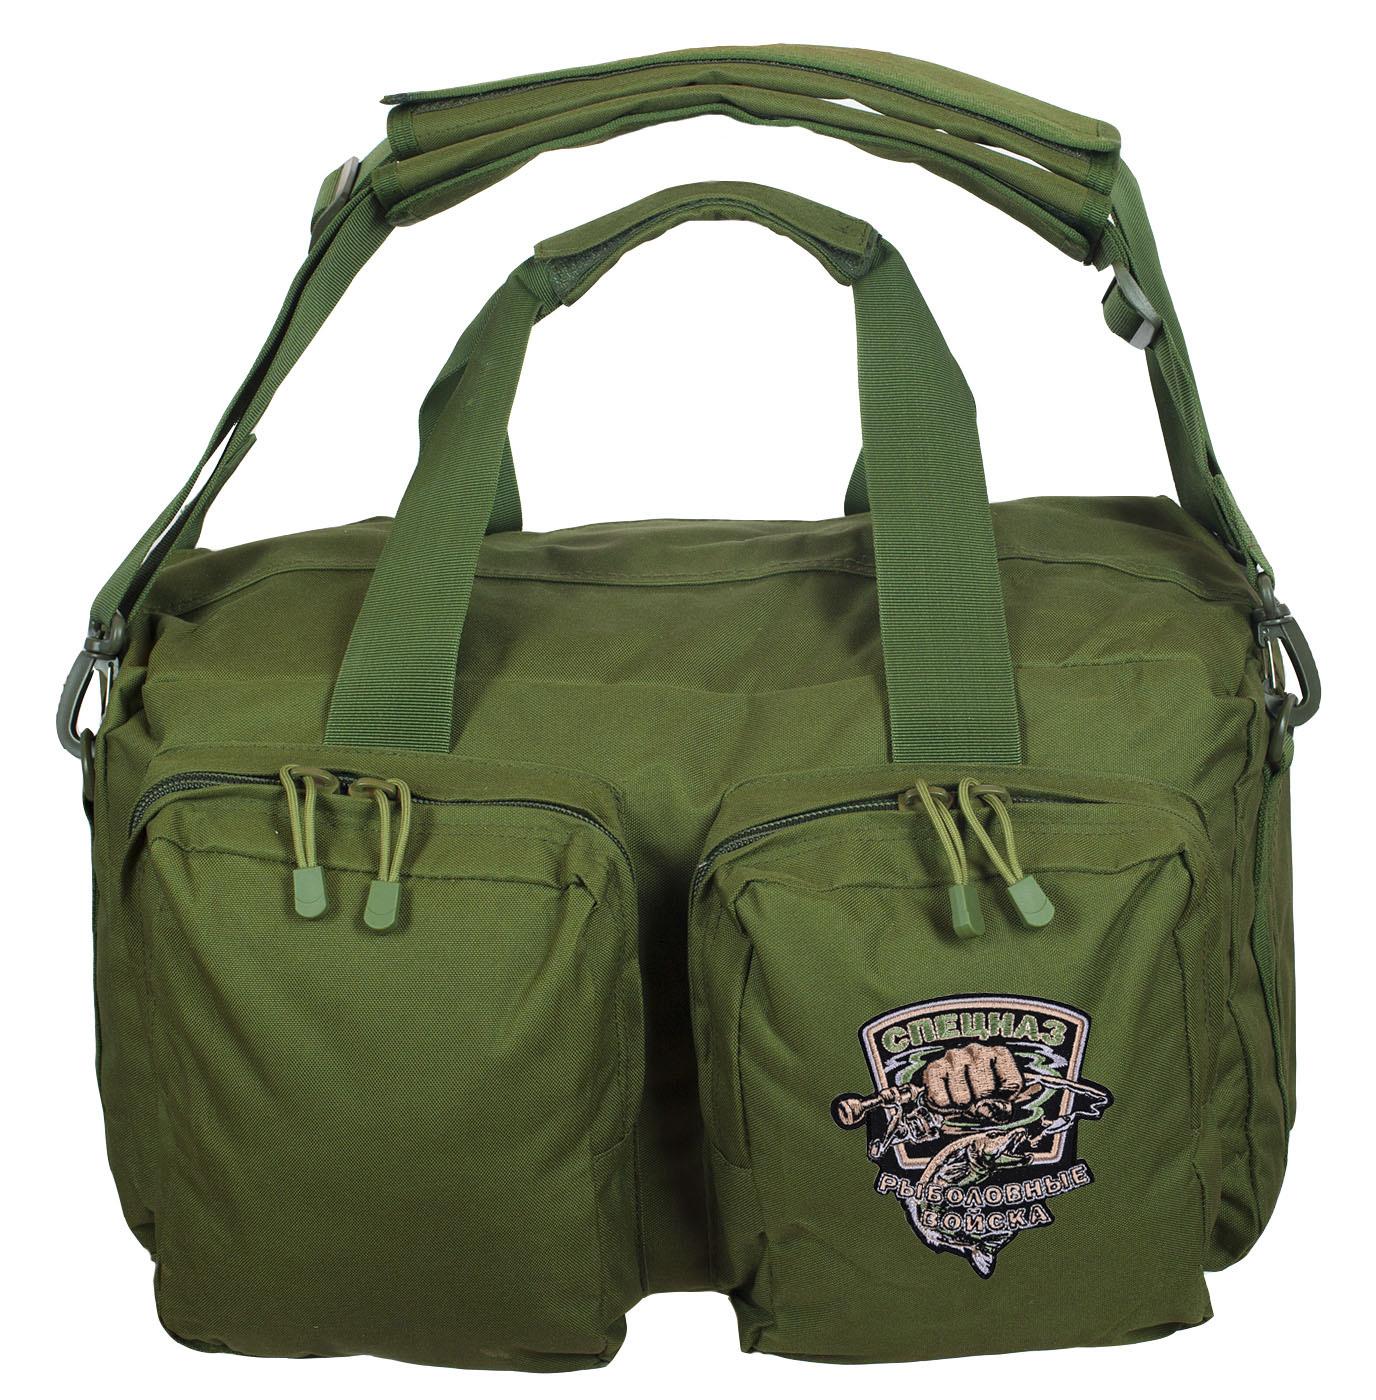 Тактическая сумка в камуфляже хаки